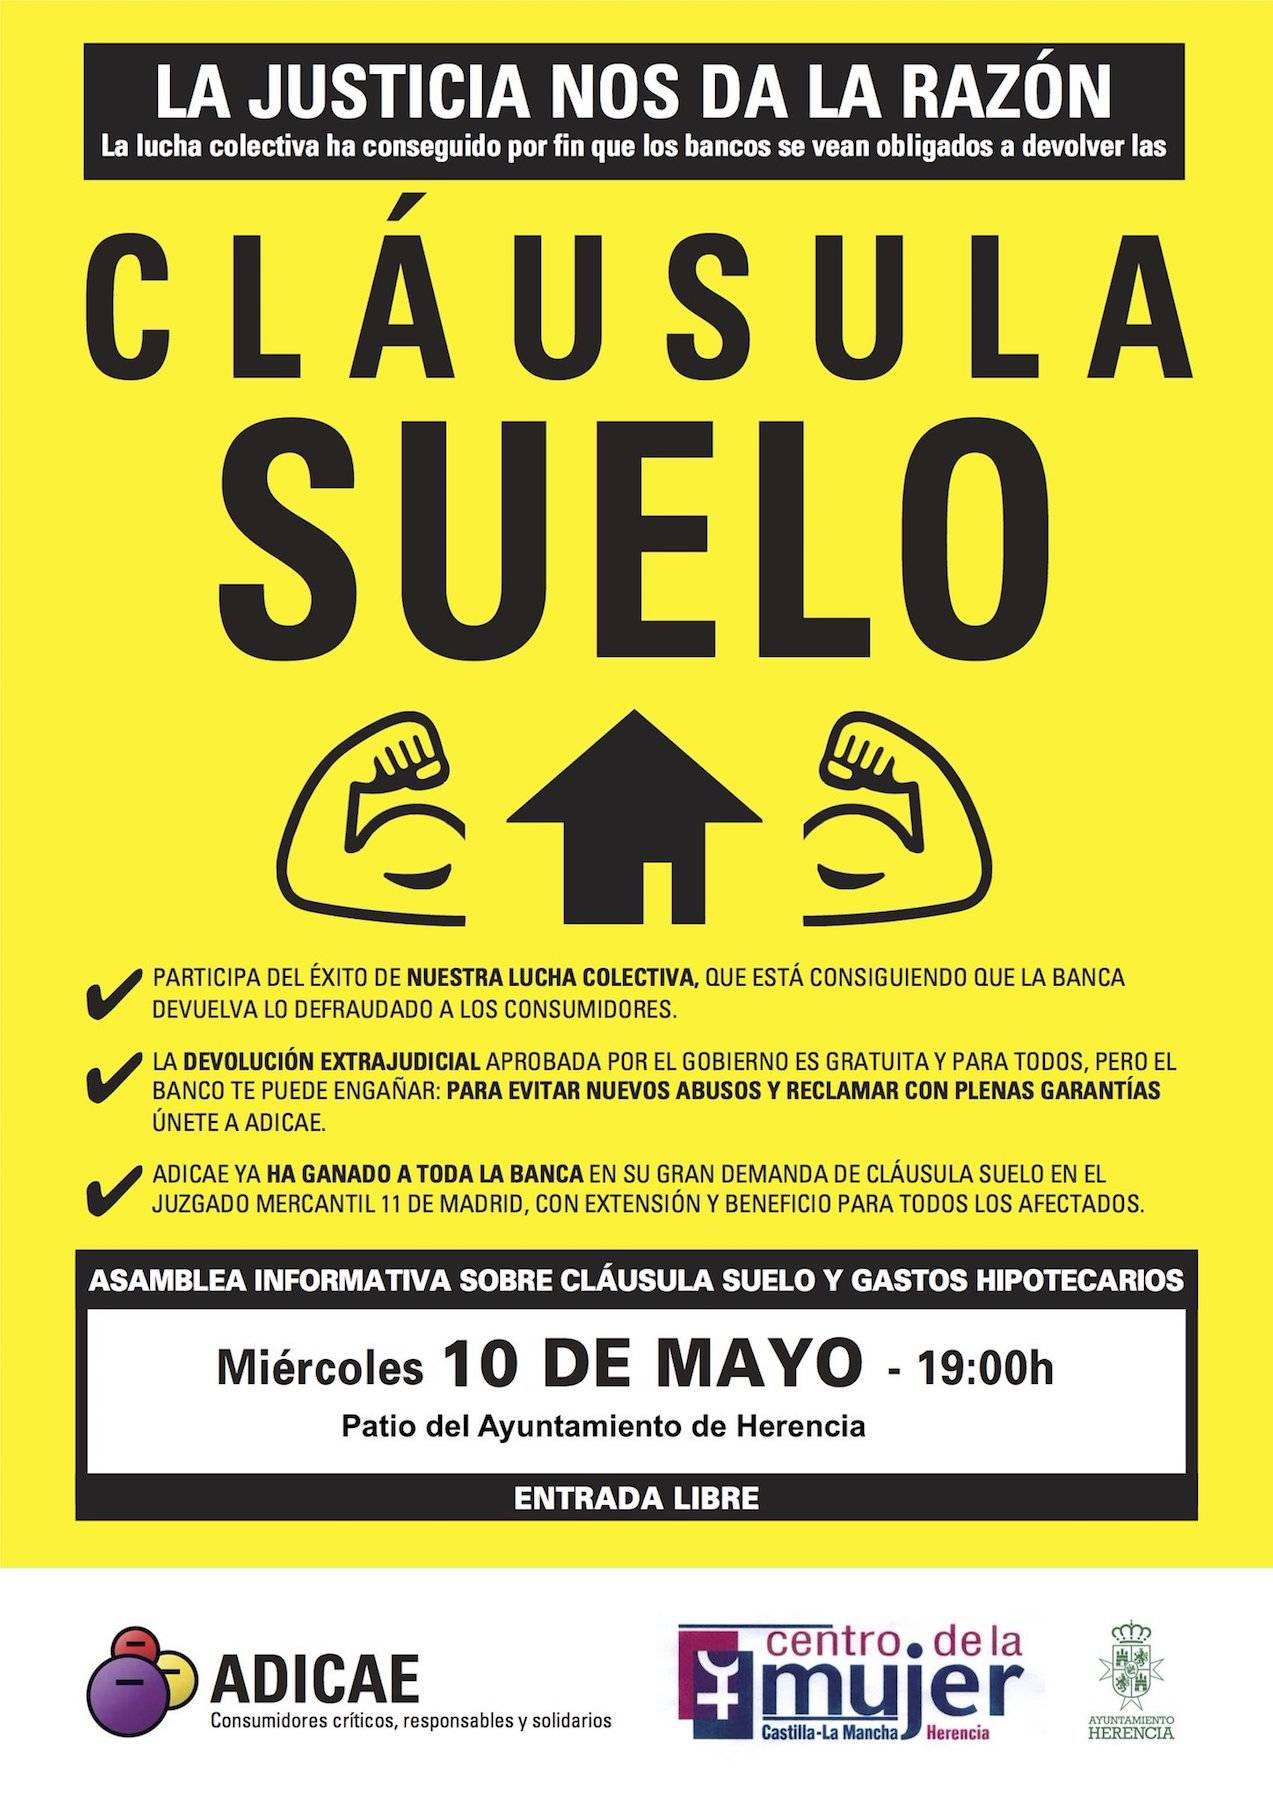 charla clausula suelo - Asamblea informativa sobre la cláusula suelo el próximo 10 de mayo